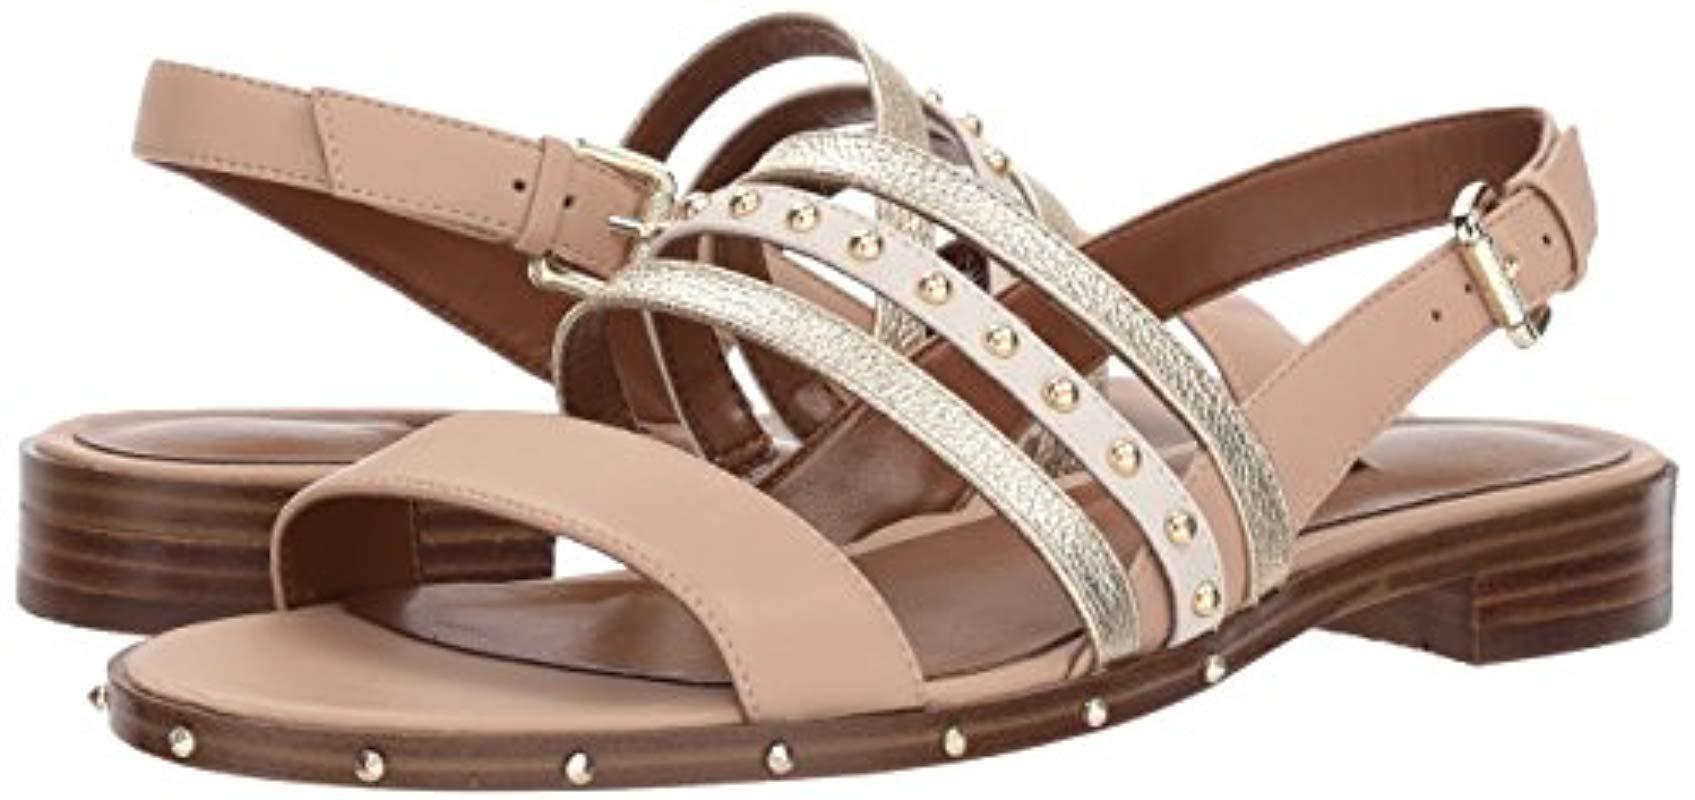 Aylen Moon chaylen leather flat sandal